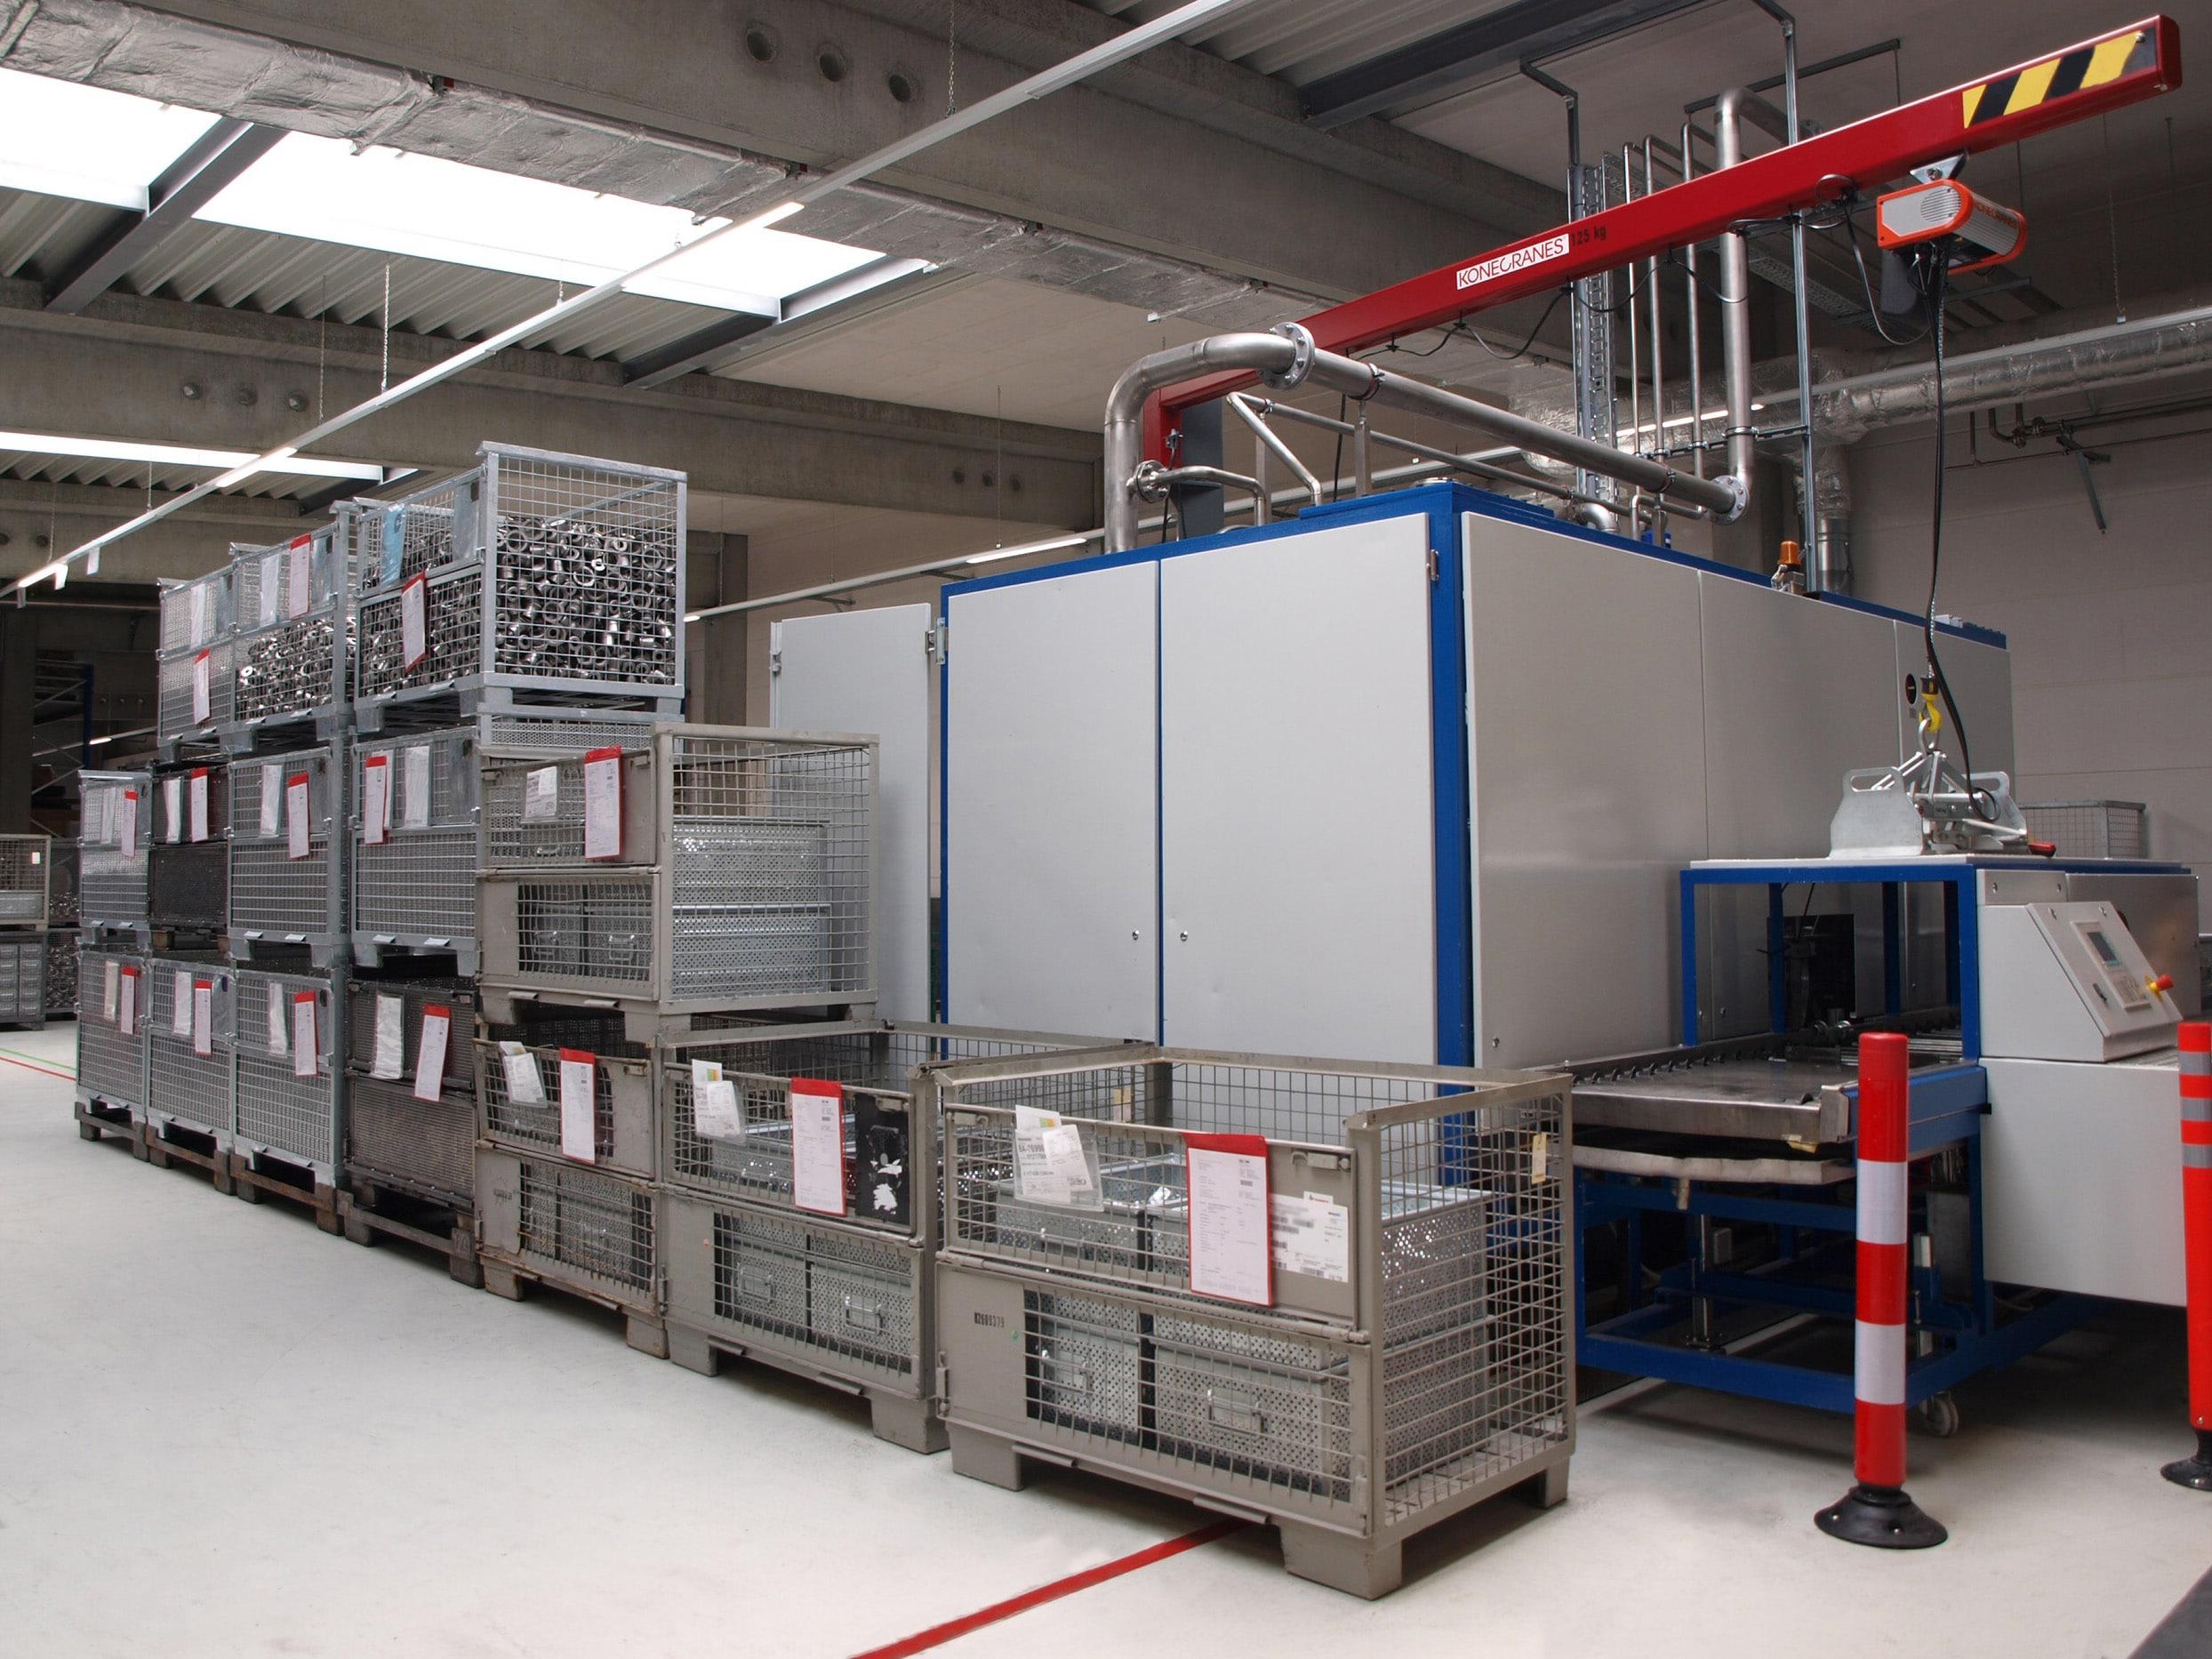 Für einen sicheren und stabilen Reinigungsprozess – parts2clean 2019: Die Richard Geiss GmbH hat die Lösemittelüberwachung und -pflege im Fokus